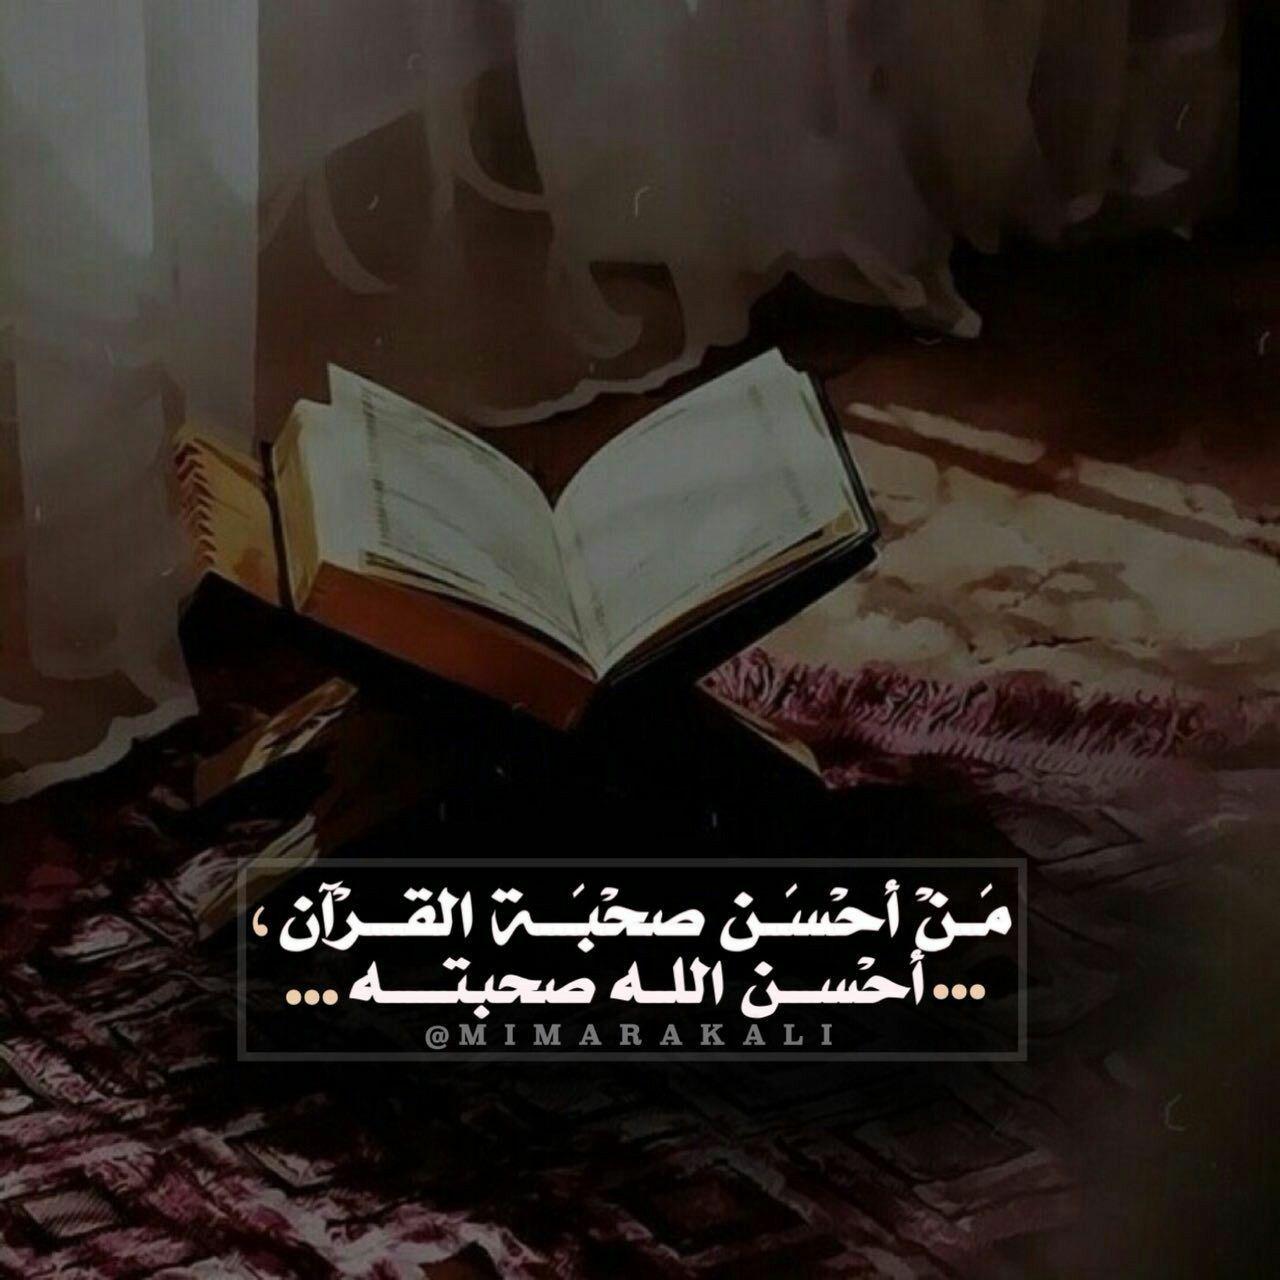 صحبة القرآن الكريم Islamic Quotes Quran Islamic Quotes Wallpaper Islamic Quotes